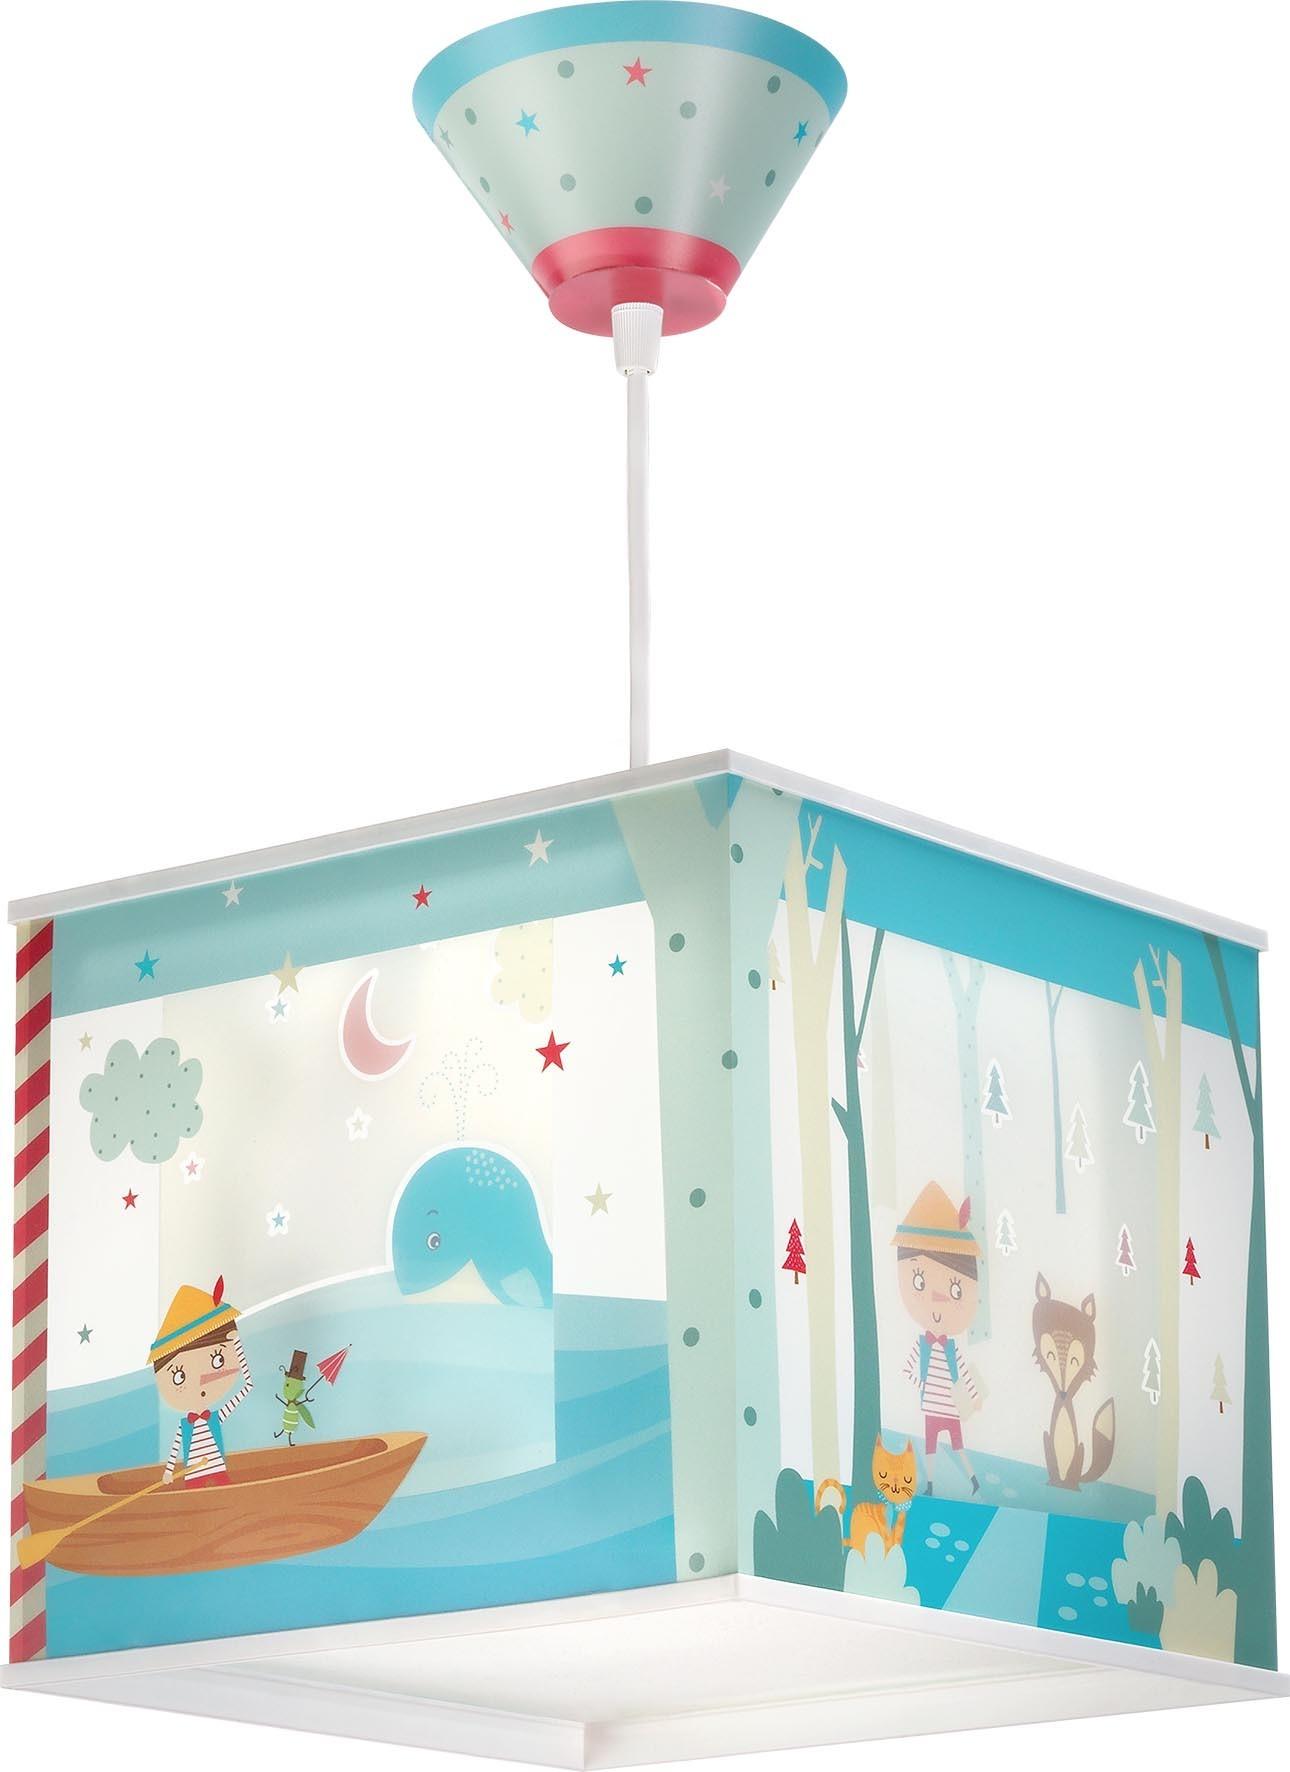 Hanglamp Pinokkio